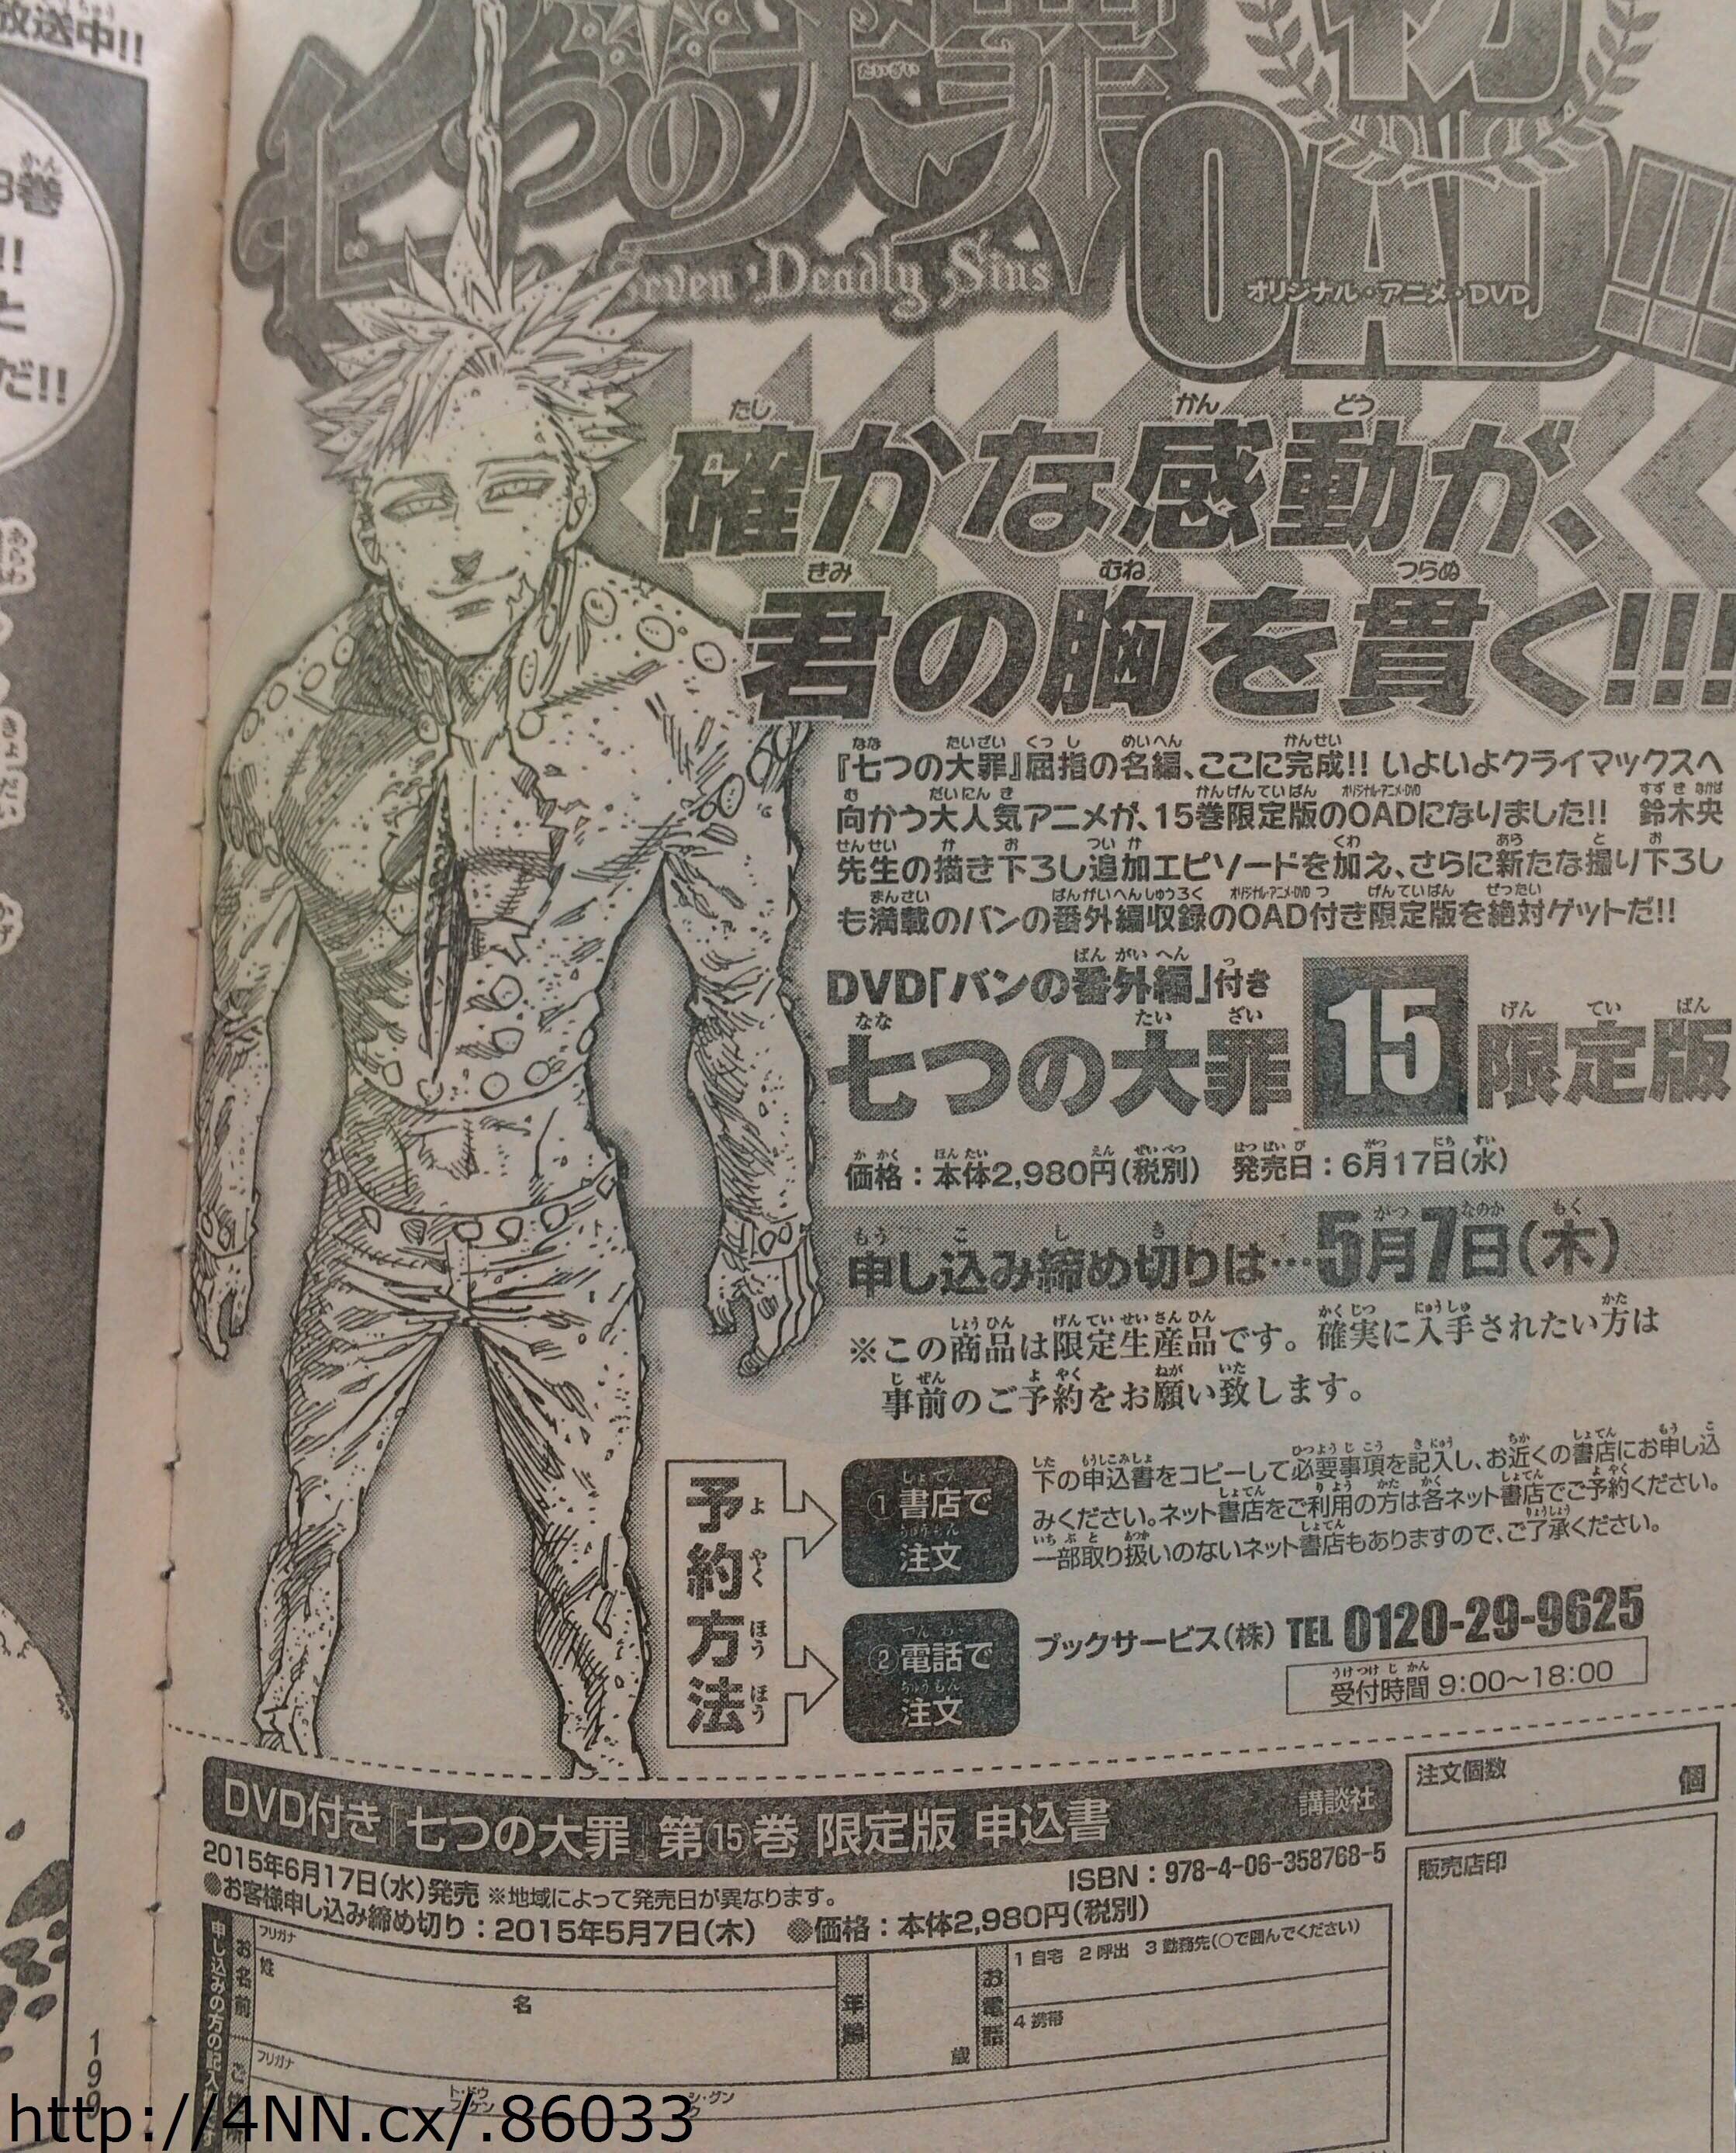 Nanatsu no Taizai Manga to Bundle OVA Episode about Ban